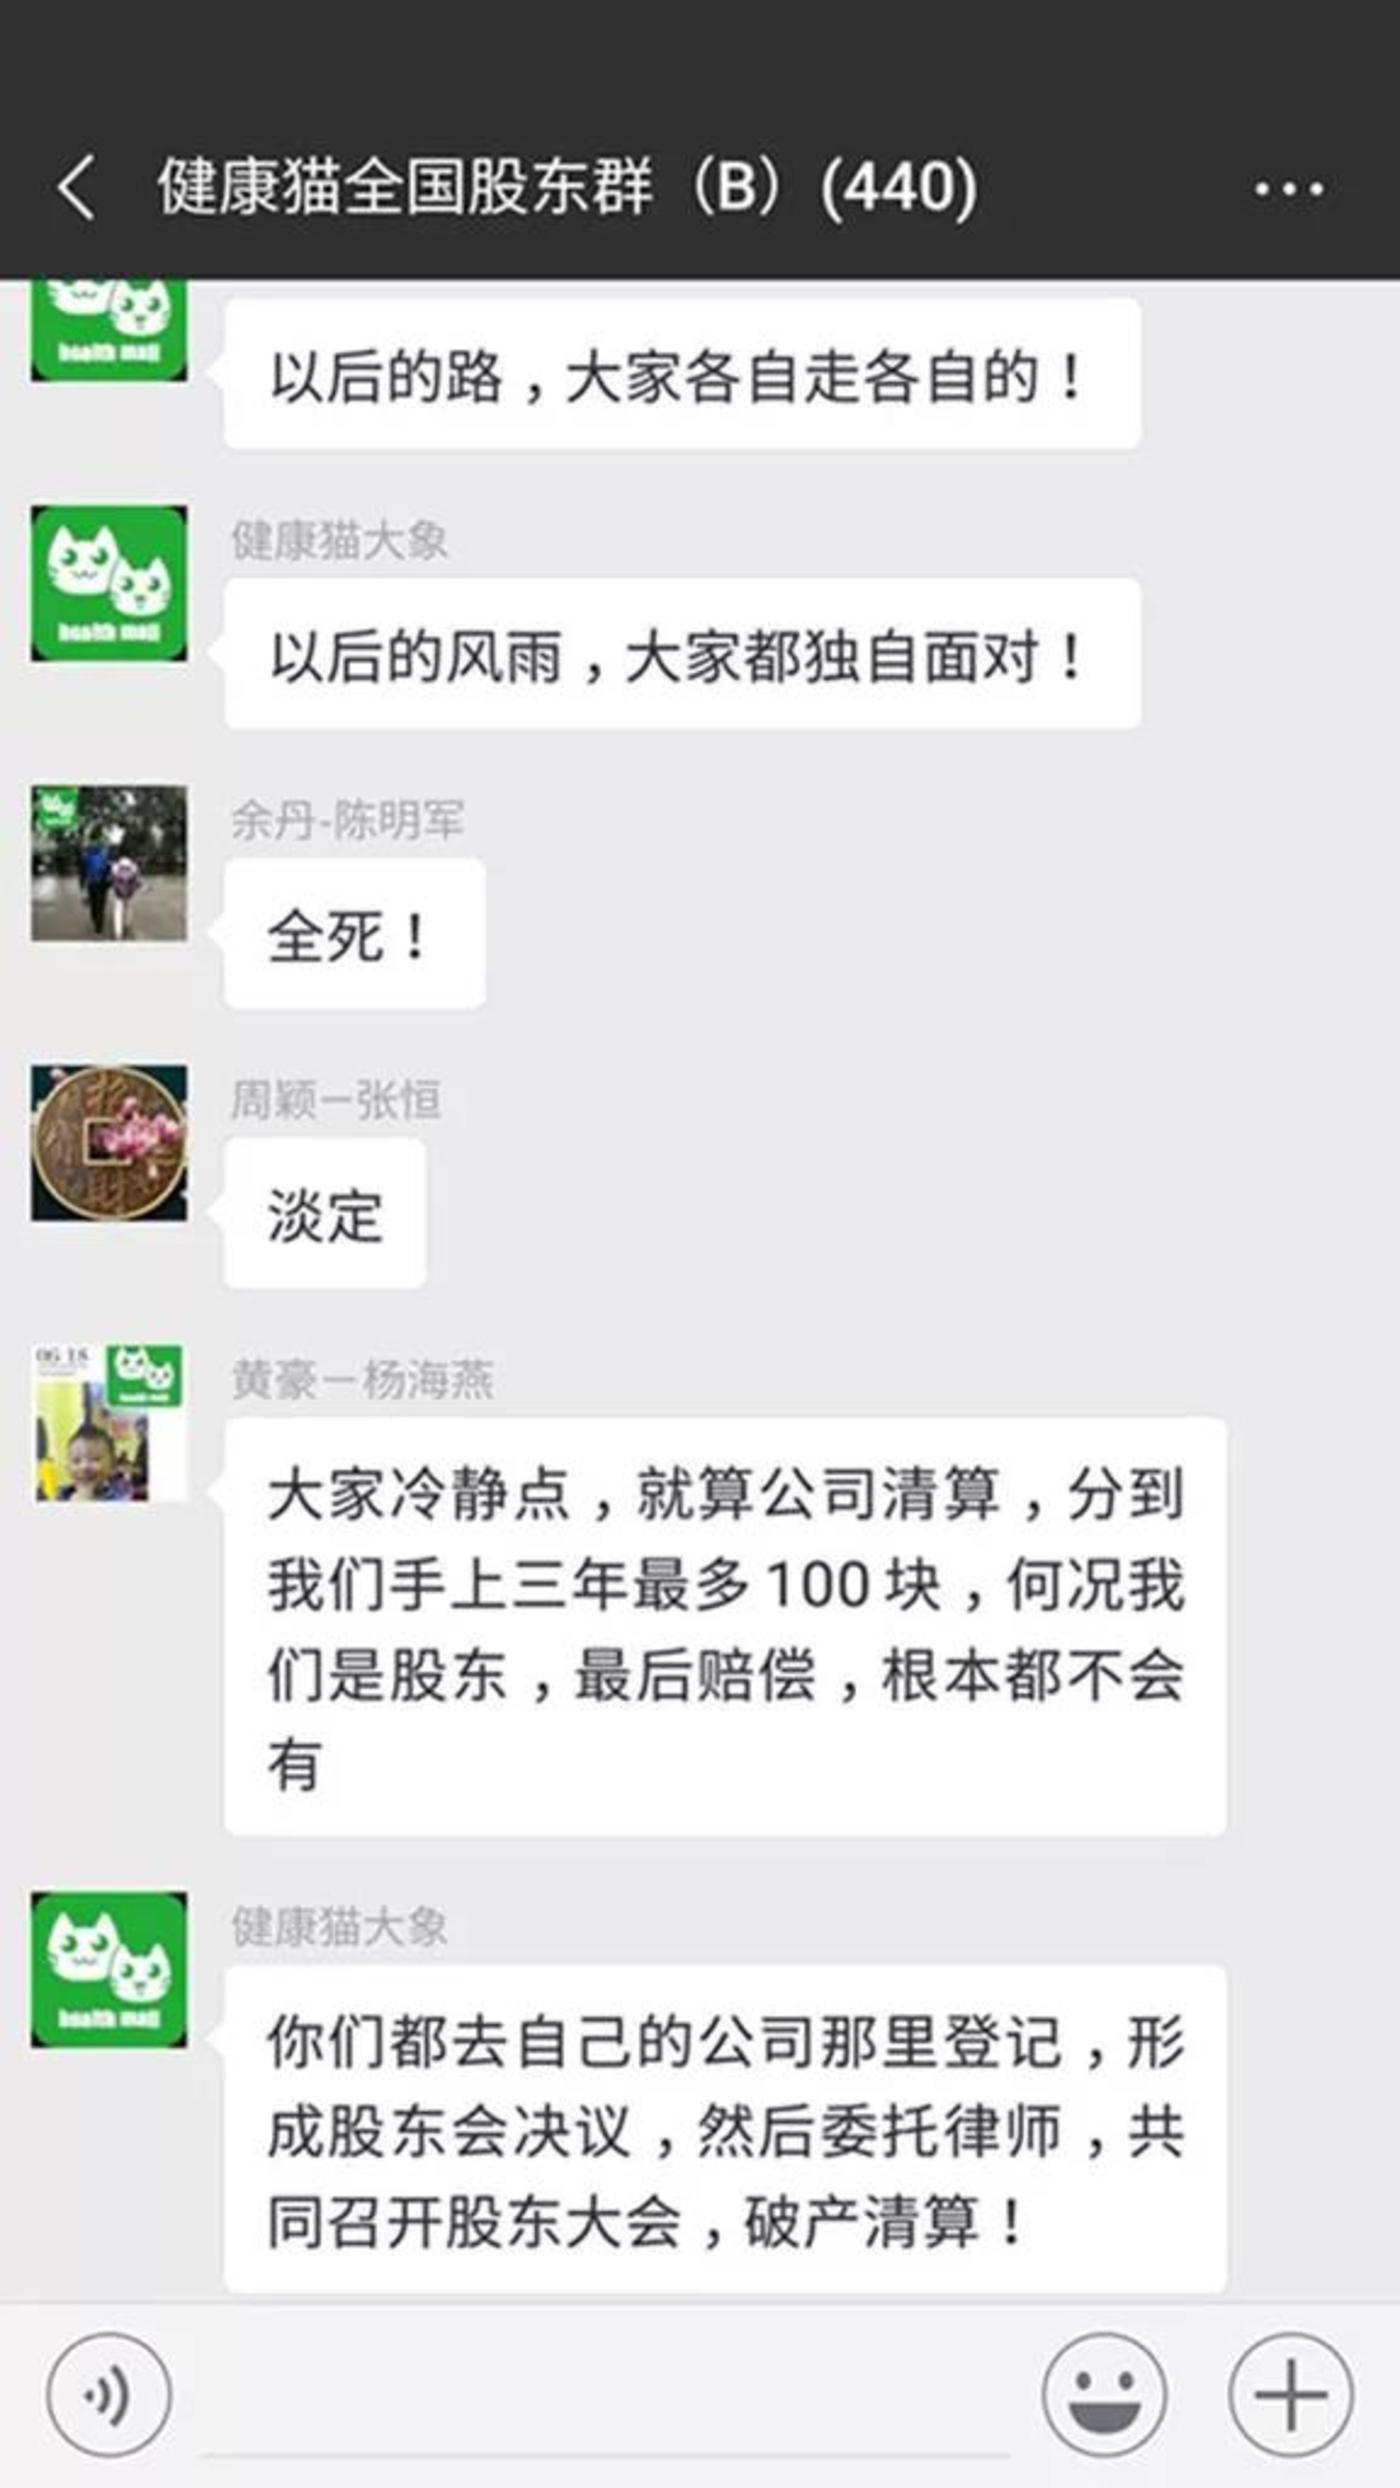 8月15日,大象哥在股东群表示公司准备破产清算